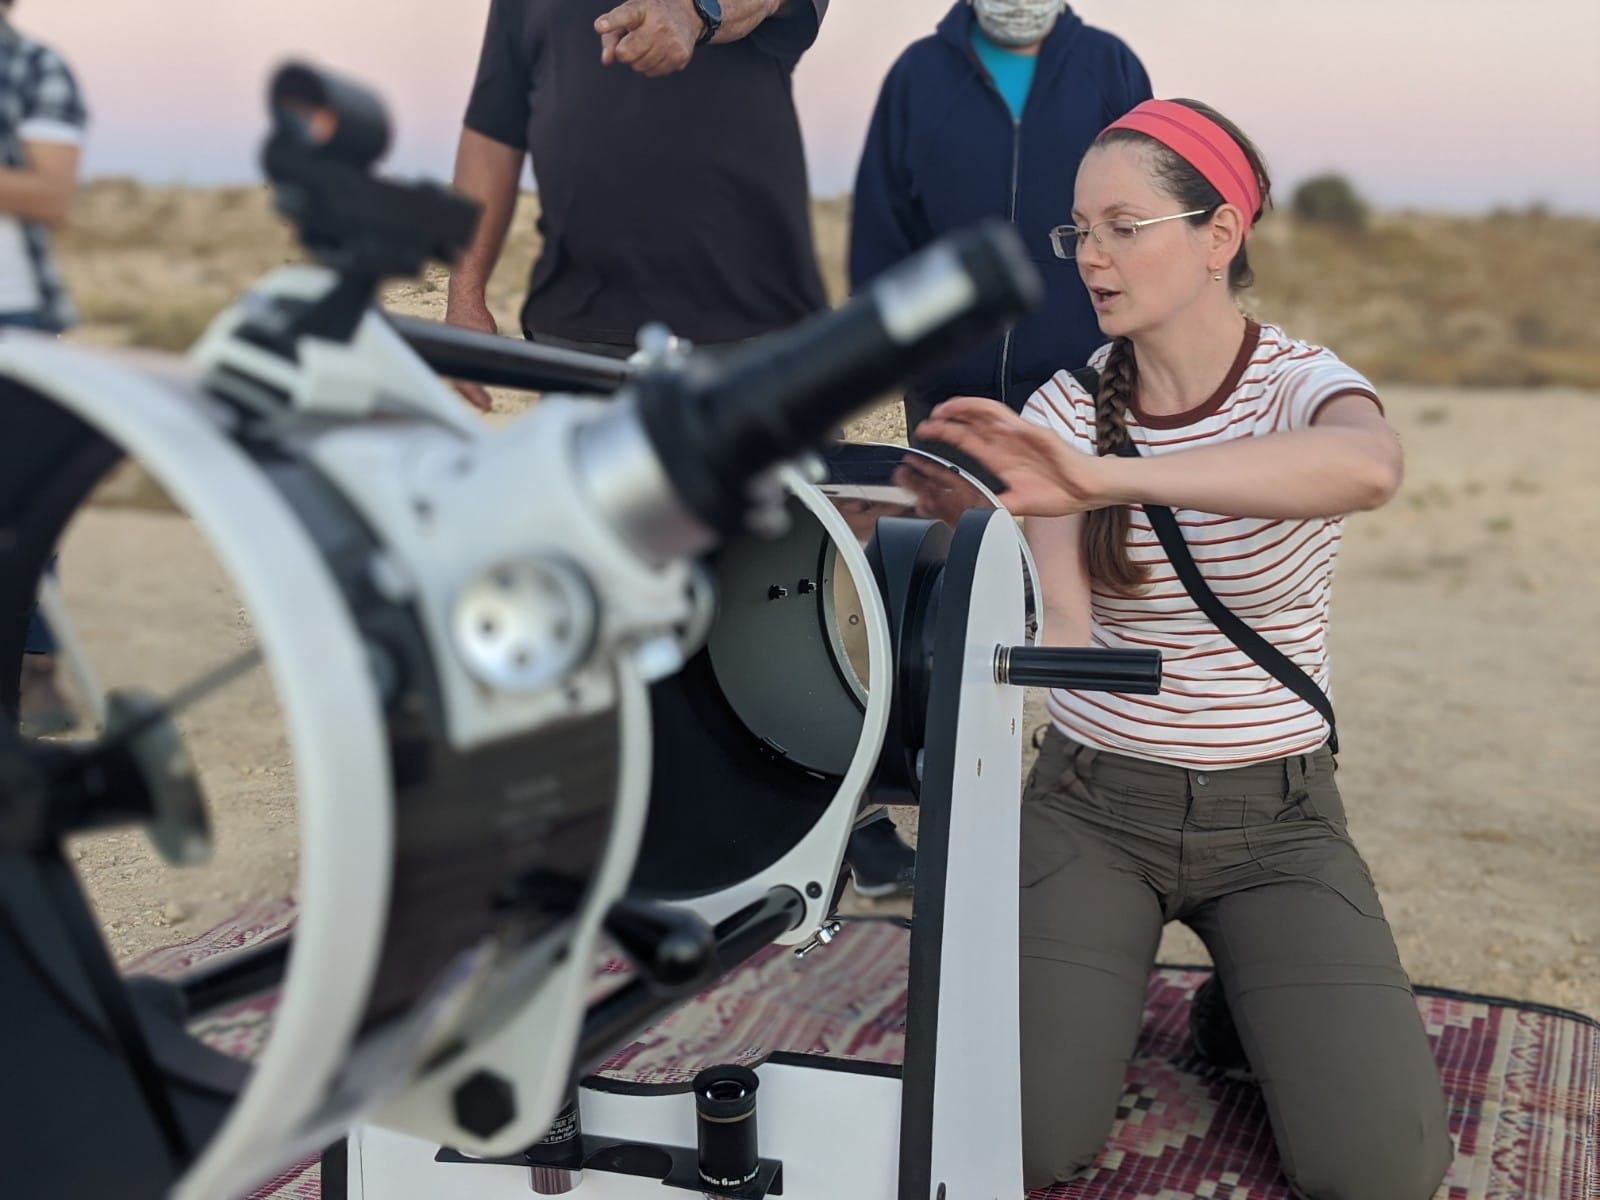 קורס אסטרונומיה תצפיתית